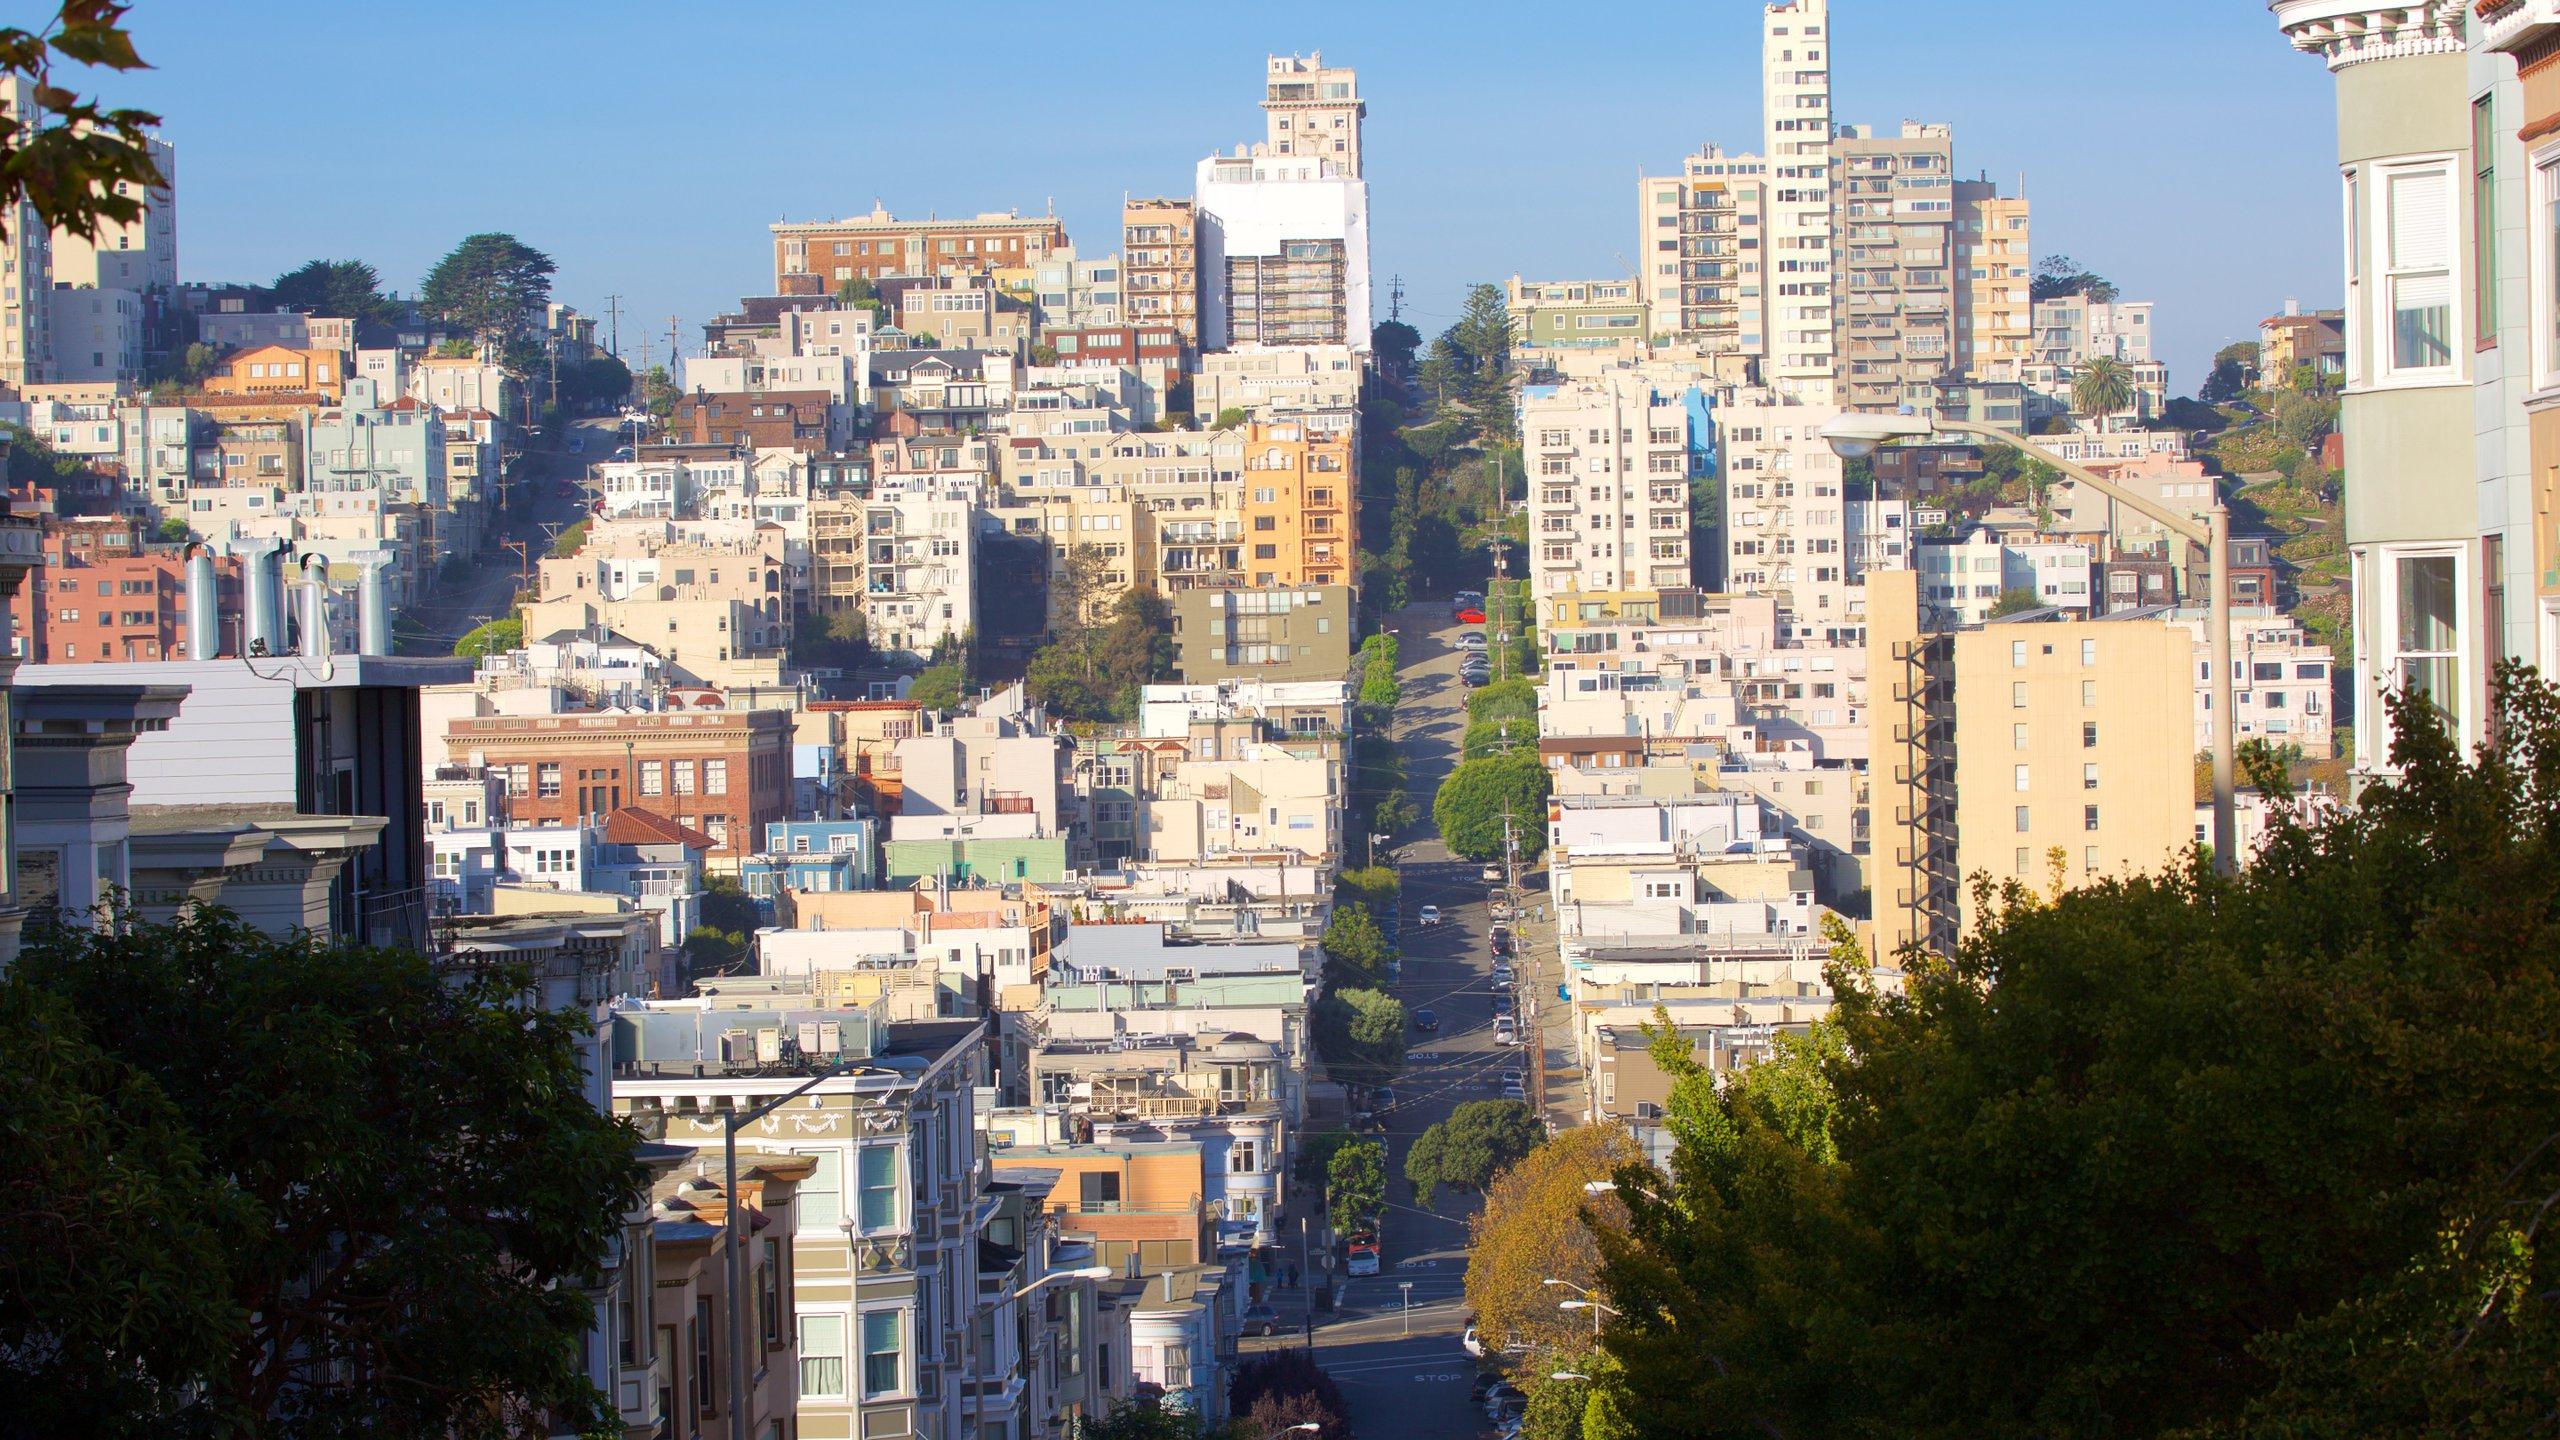 Plage du nord, San Francisco, Californie, États-Unis d'Amérique